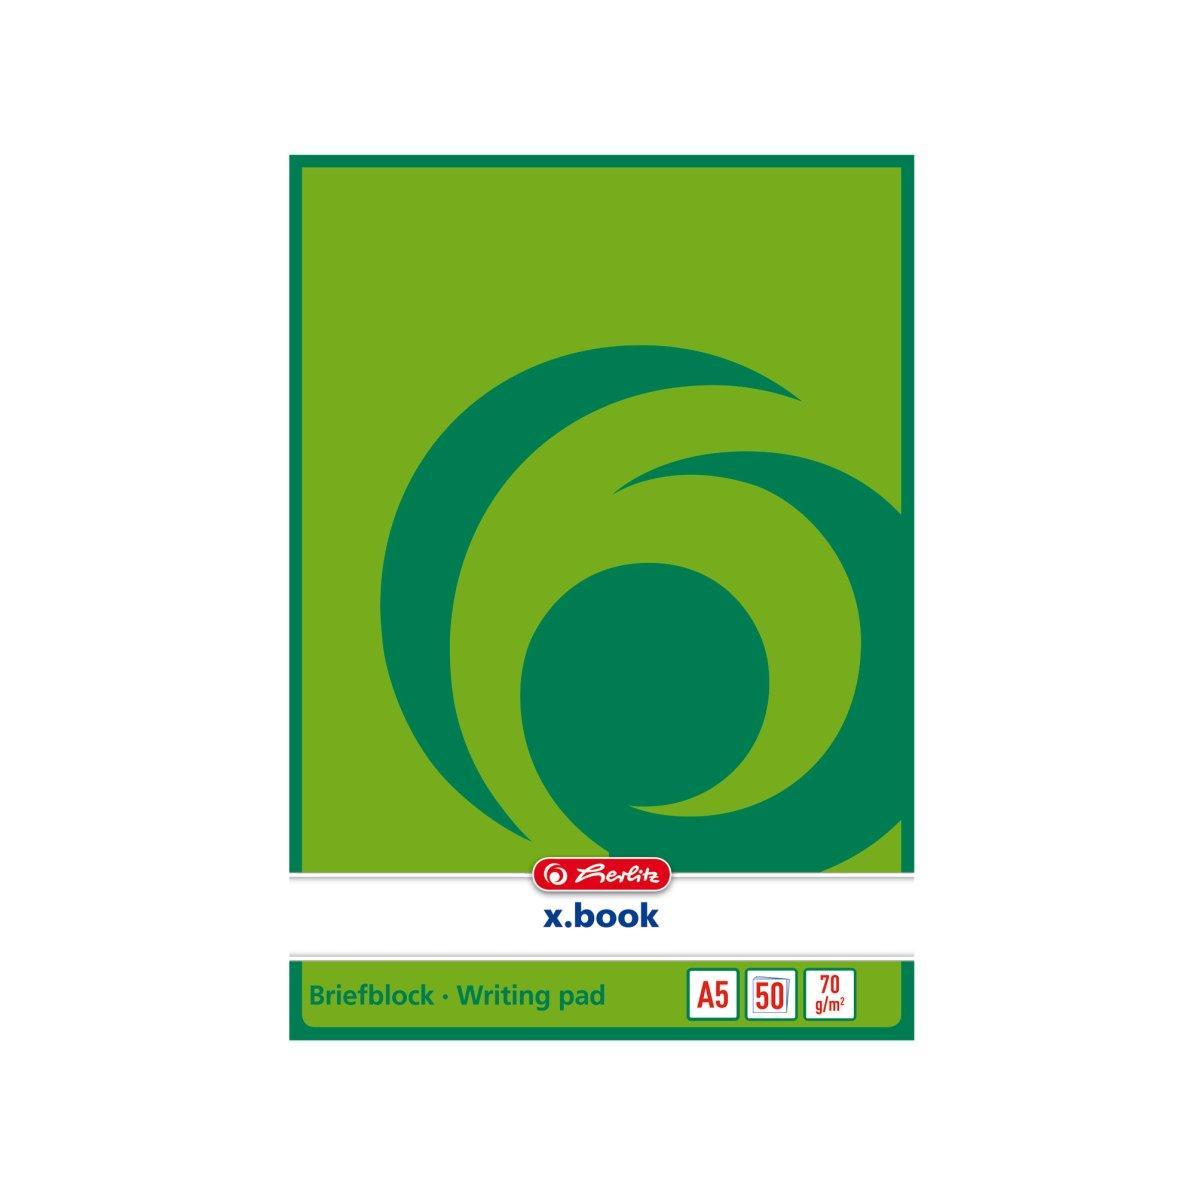 Блокнот Herlitz X.Book А5 50 листов не линованный зеленый на склейке